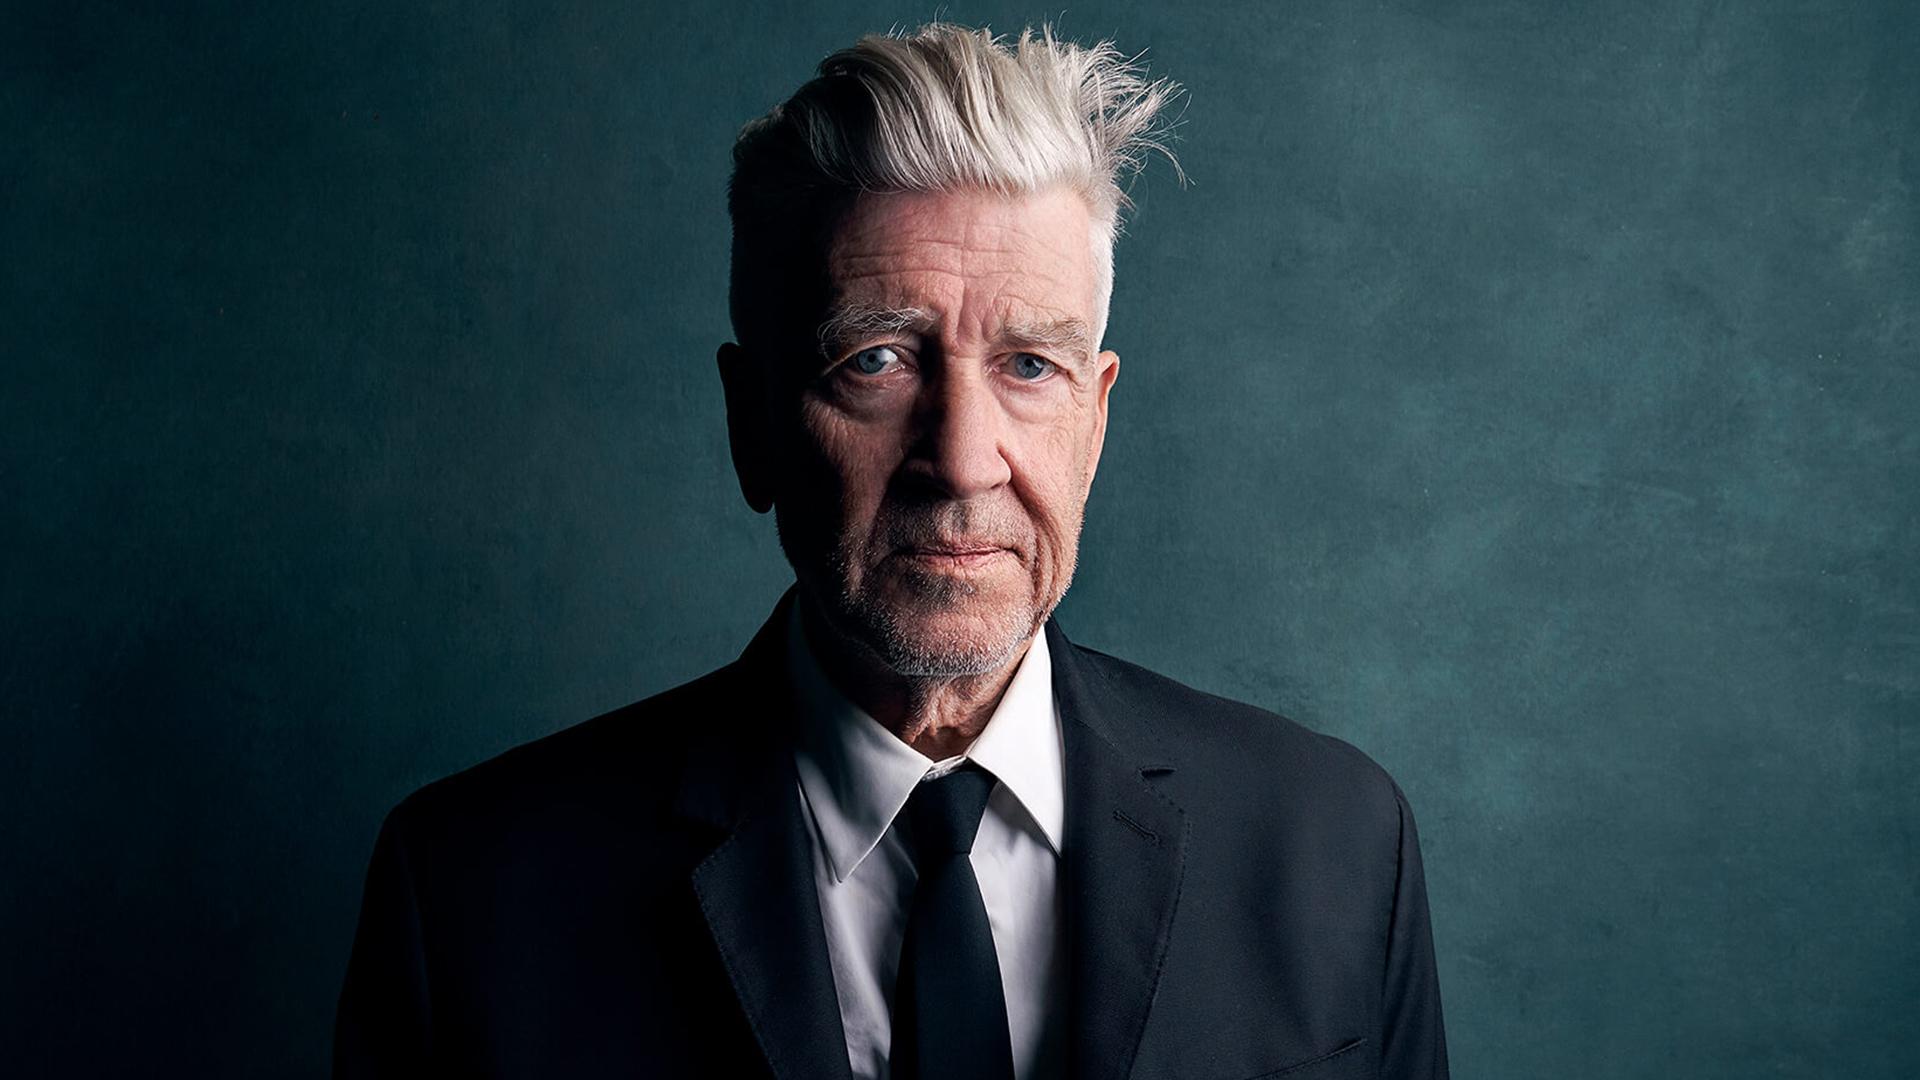 Masterclass de David Lynch – Enseñanzas acerca del cine - La creatividad y las ideas son la clave de todo